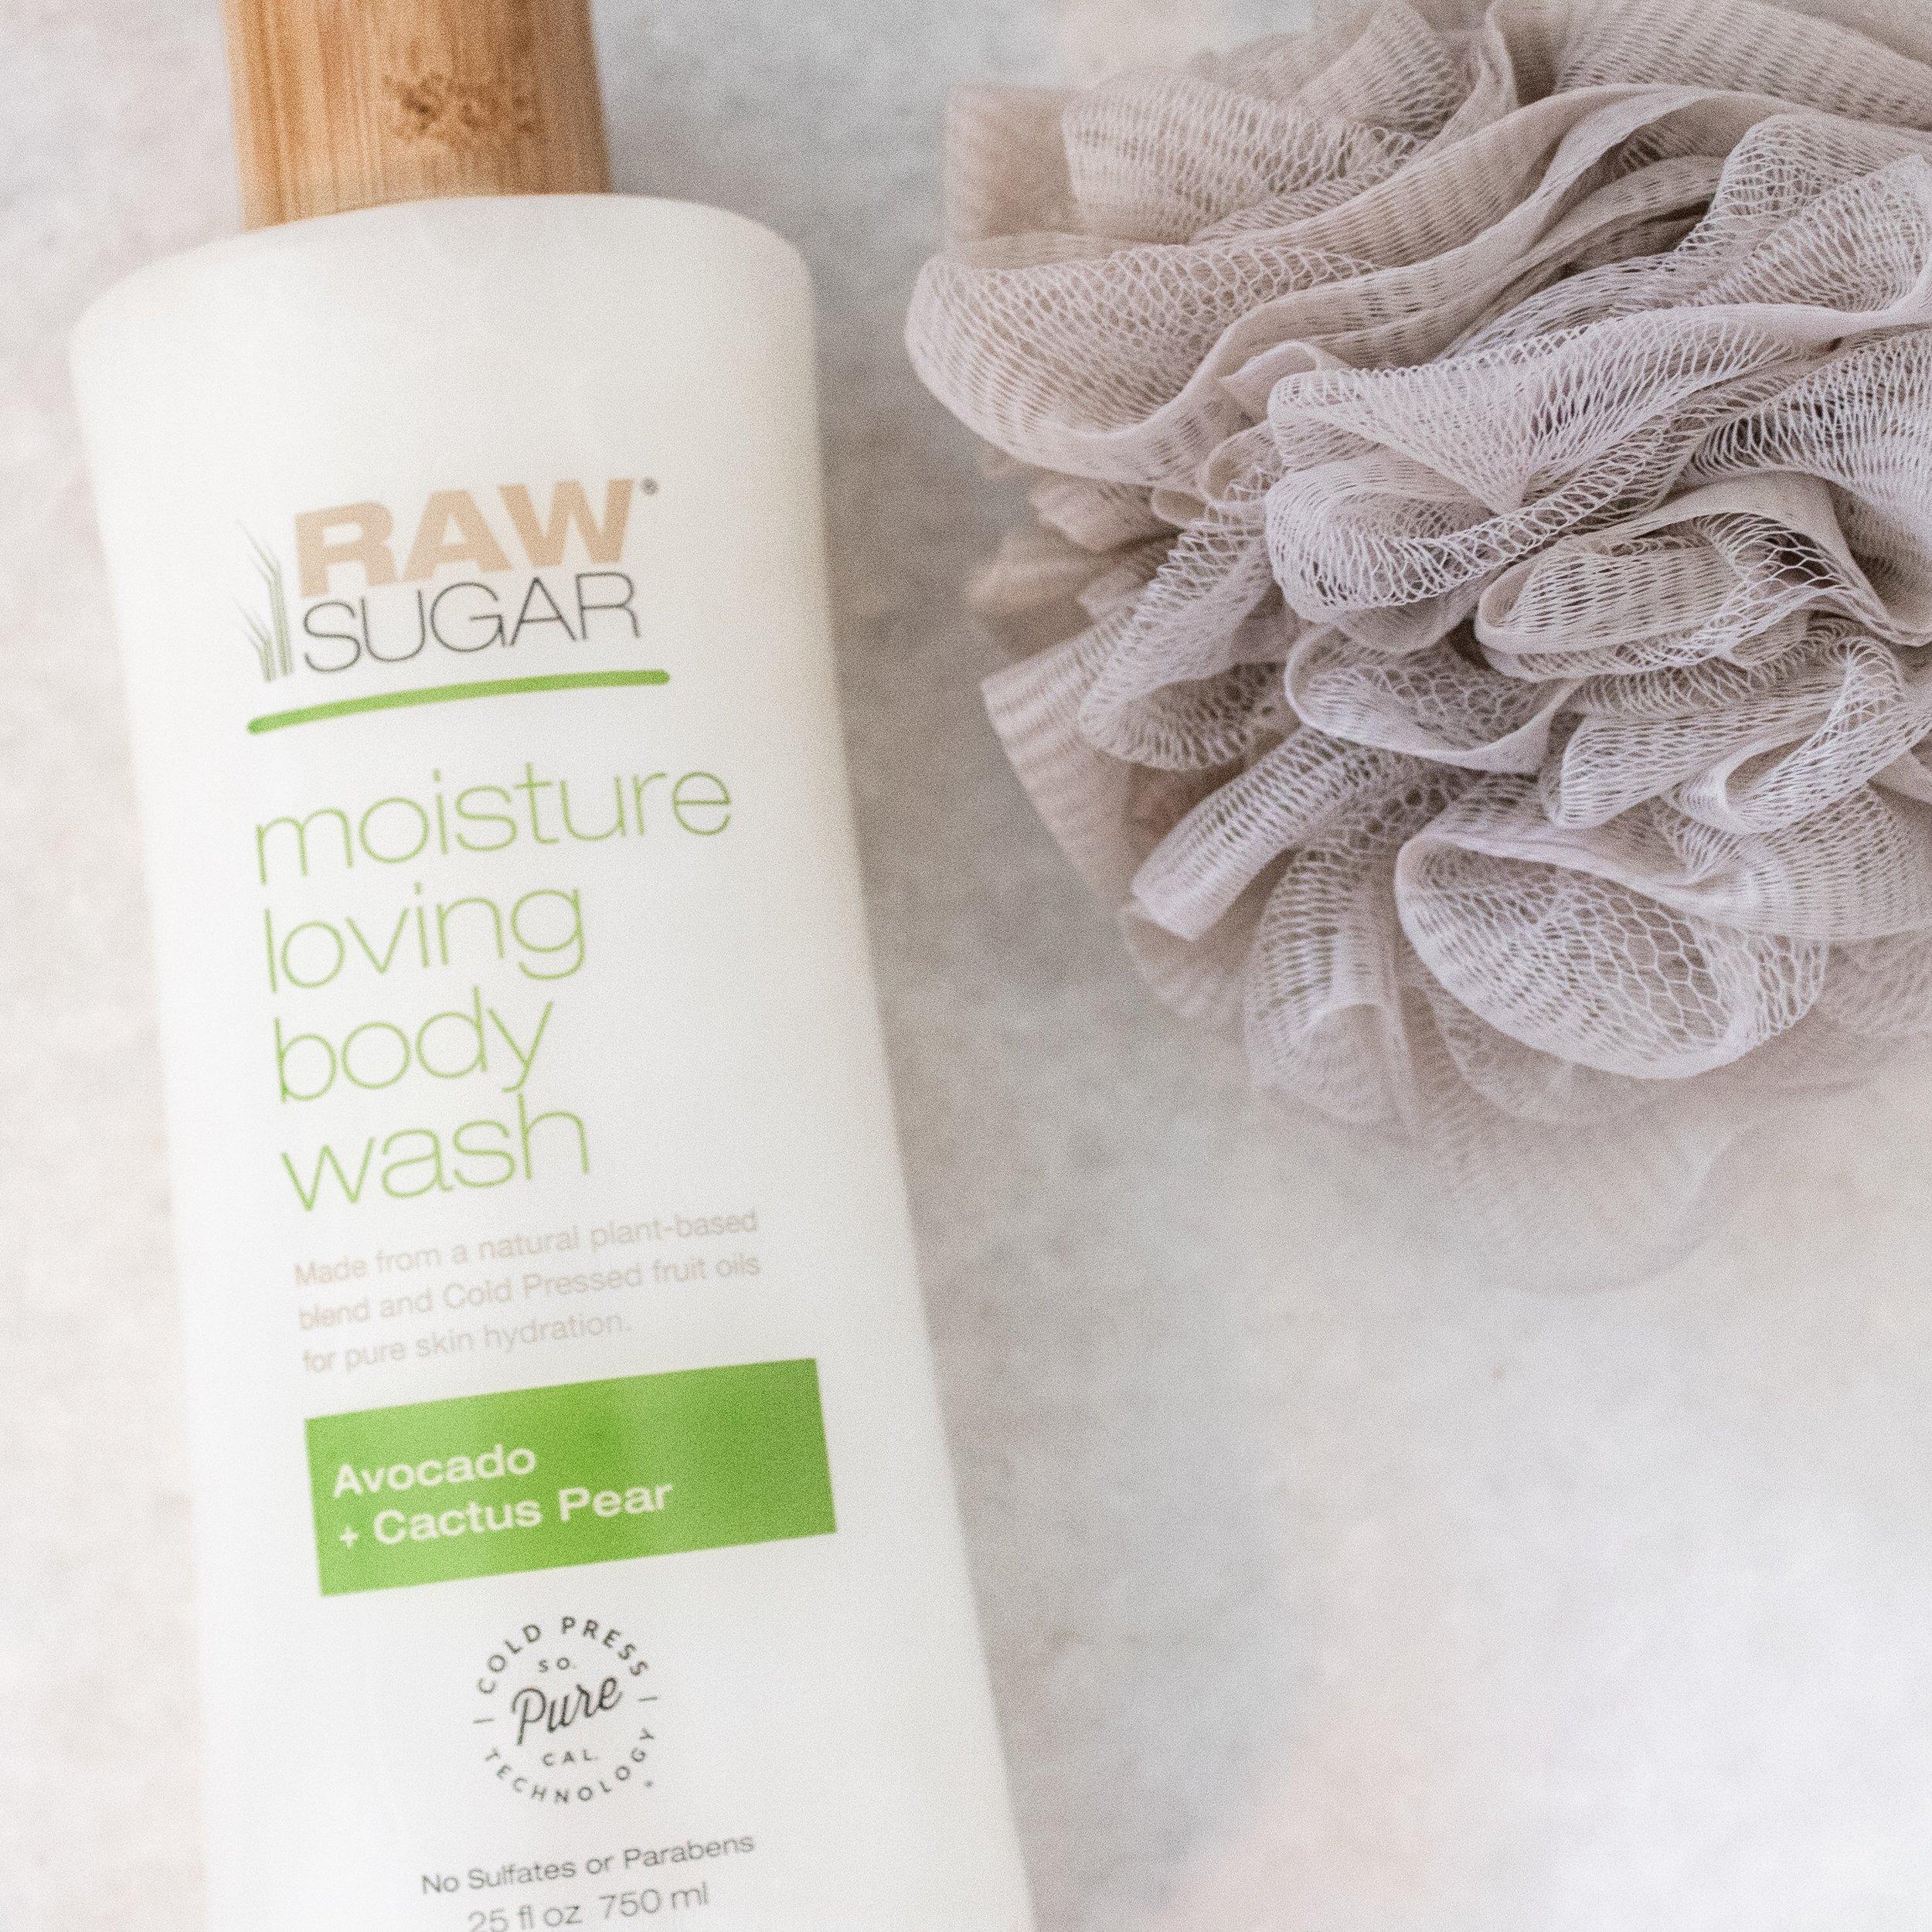 Raw Sugar Body Wash | A Demure Life Fashion Blog